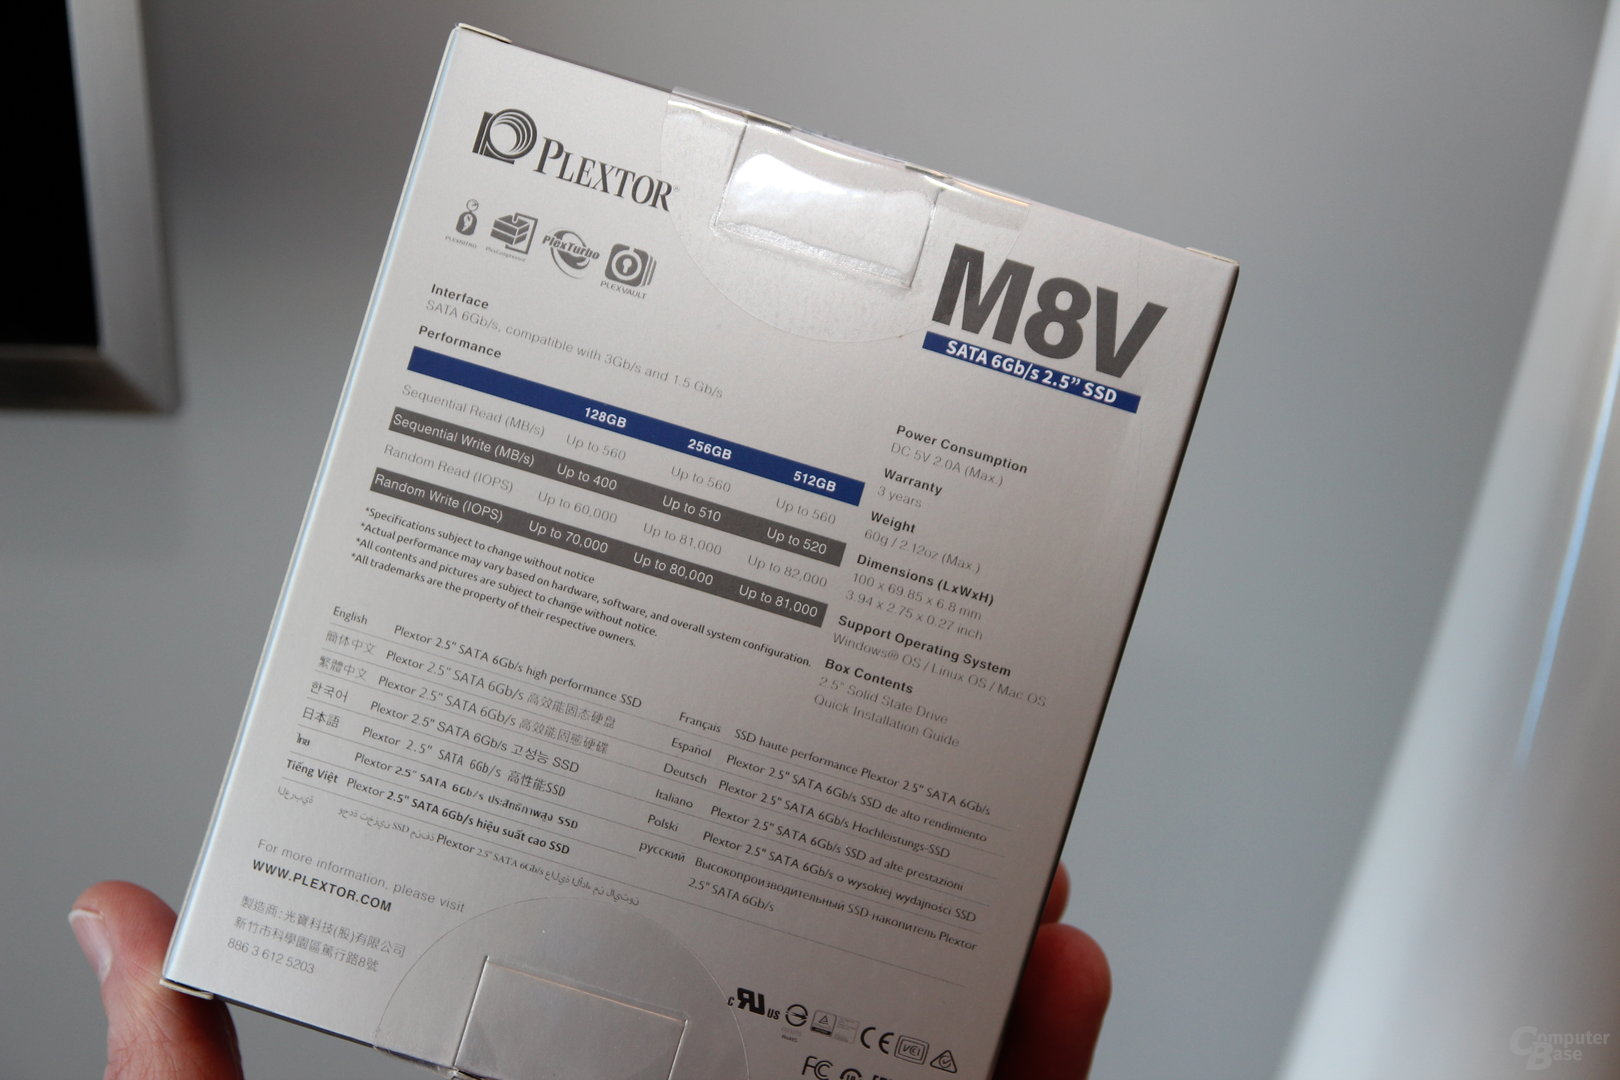 Plextor M8V